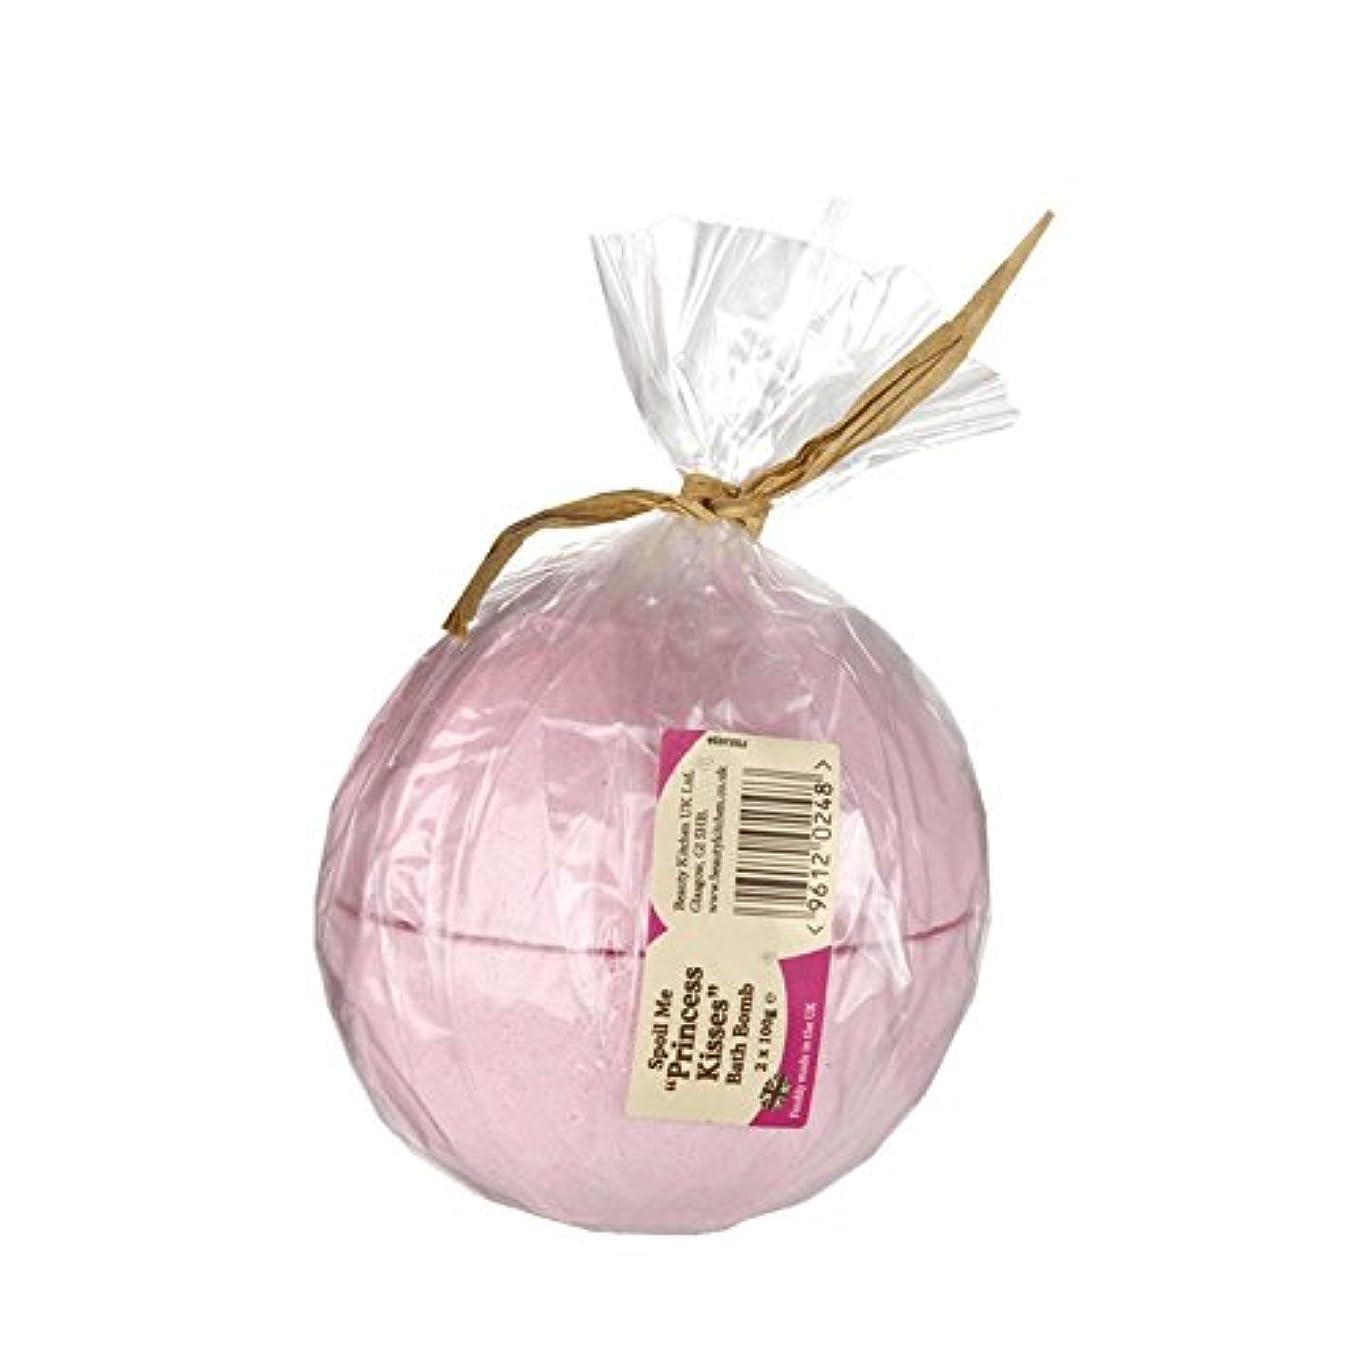 ガードタワー溢れんばかりのBeauty Kitchen Spoil Me Princess Kisses Bath Bomb 2 x 100g (Pack of 2) - 私台無し美容キッチン王女は、お風呂爆弾2×100グラムをキス (x2) [並行輸入品]